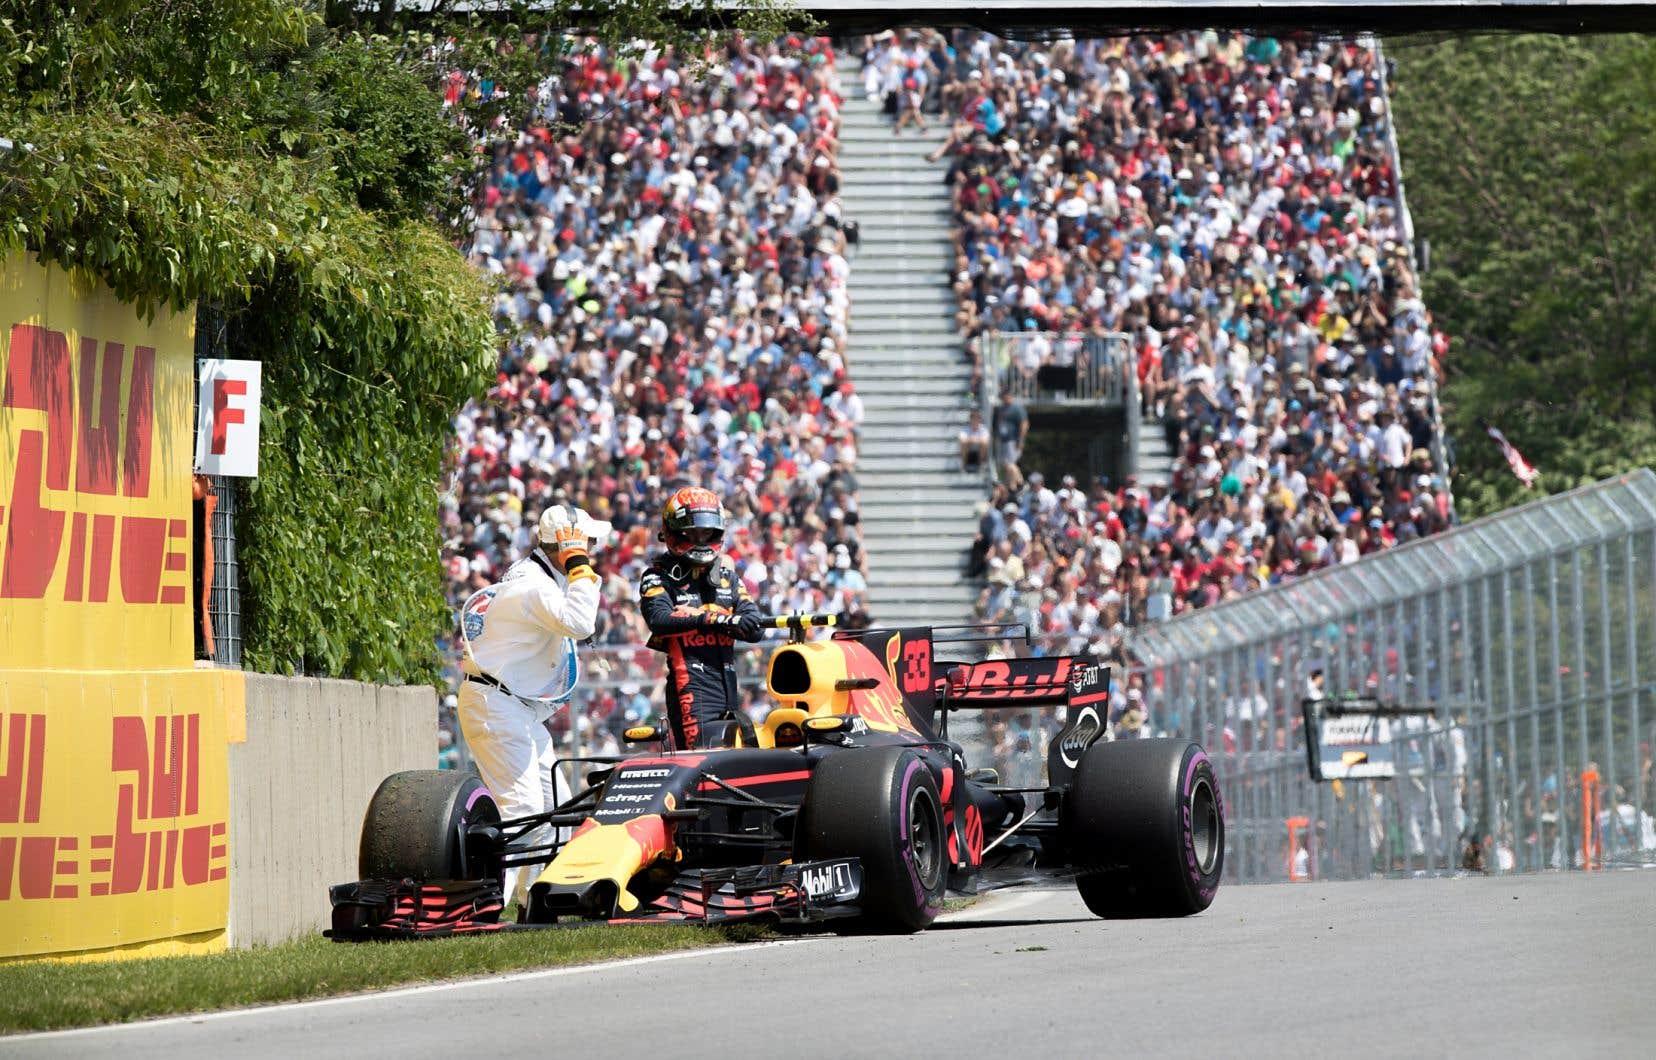 Sans la possibilité d'accueillir un public, le Grand Prix du Canada n'était pas viable, selon ses organisateurs. Sur notre photo, le pilote de Red Bull Max Verstappen avait connu des ennuis sur le circuit Gilles-Villeneuve en 2017.